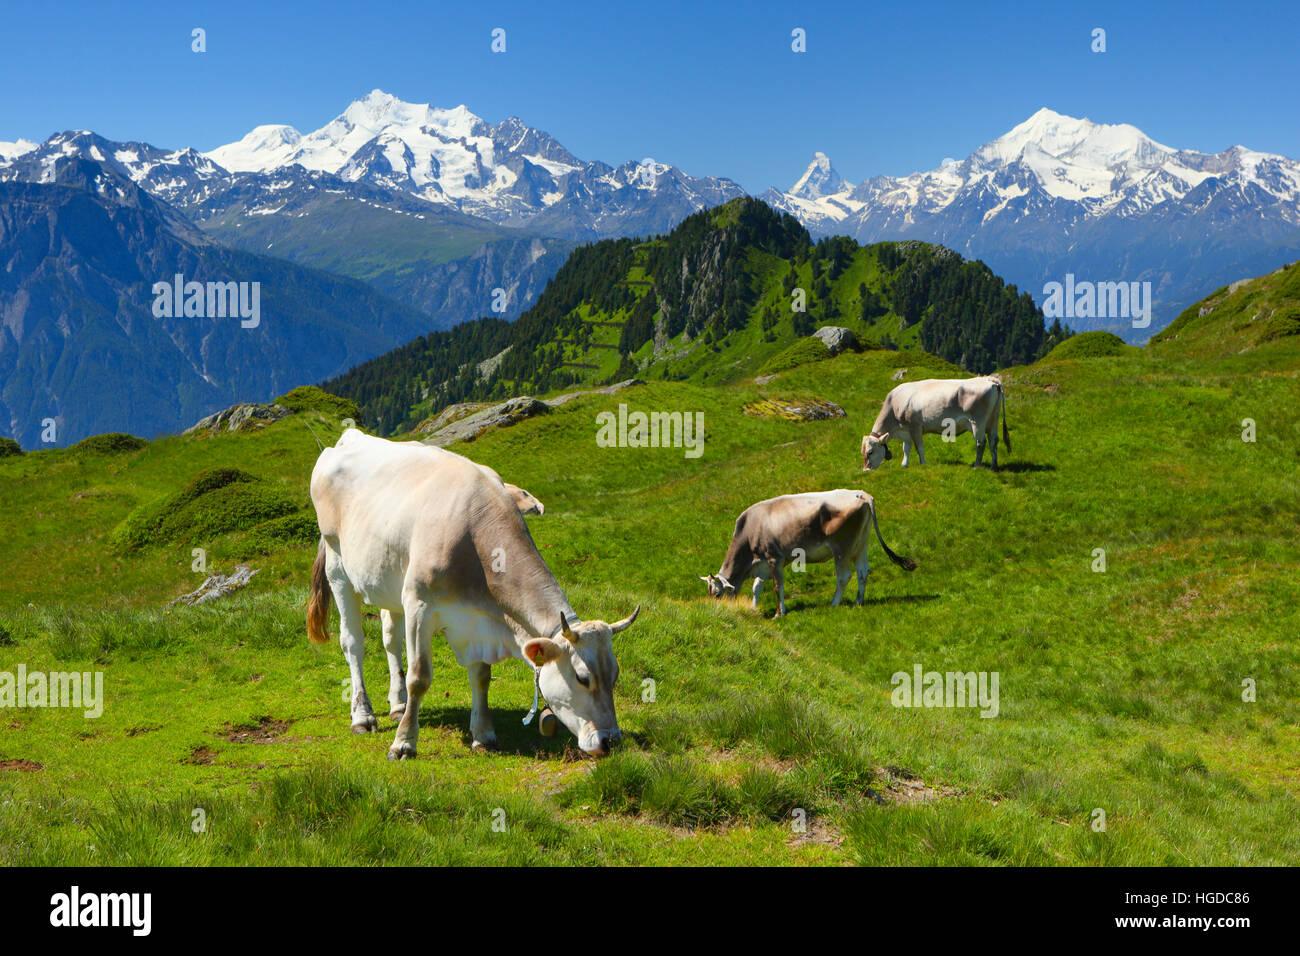 Mischabel, Matterhorn, Weisshorn, Schweizer Alpen, Wallis, Schweiz Stockbild